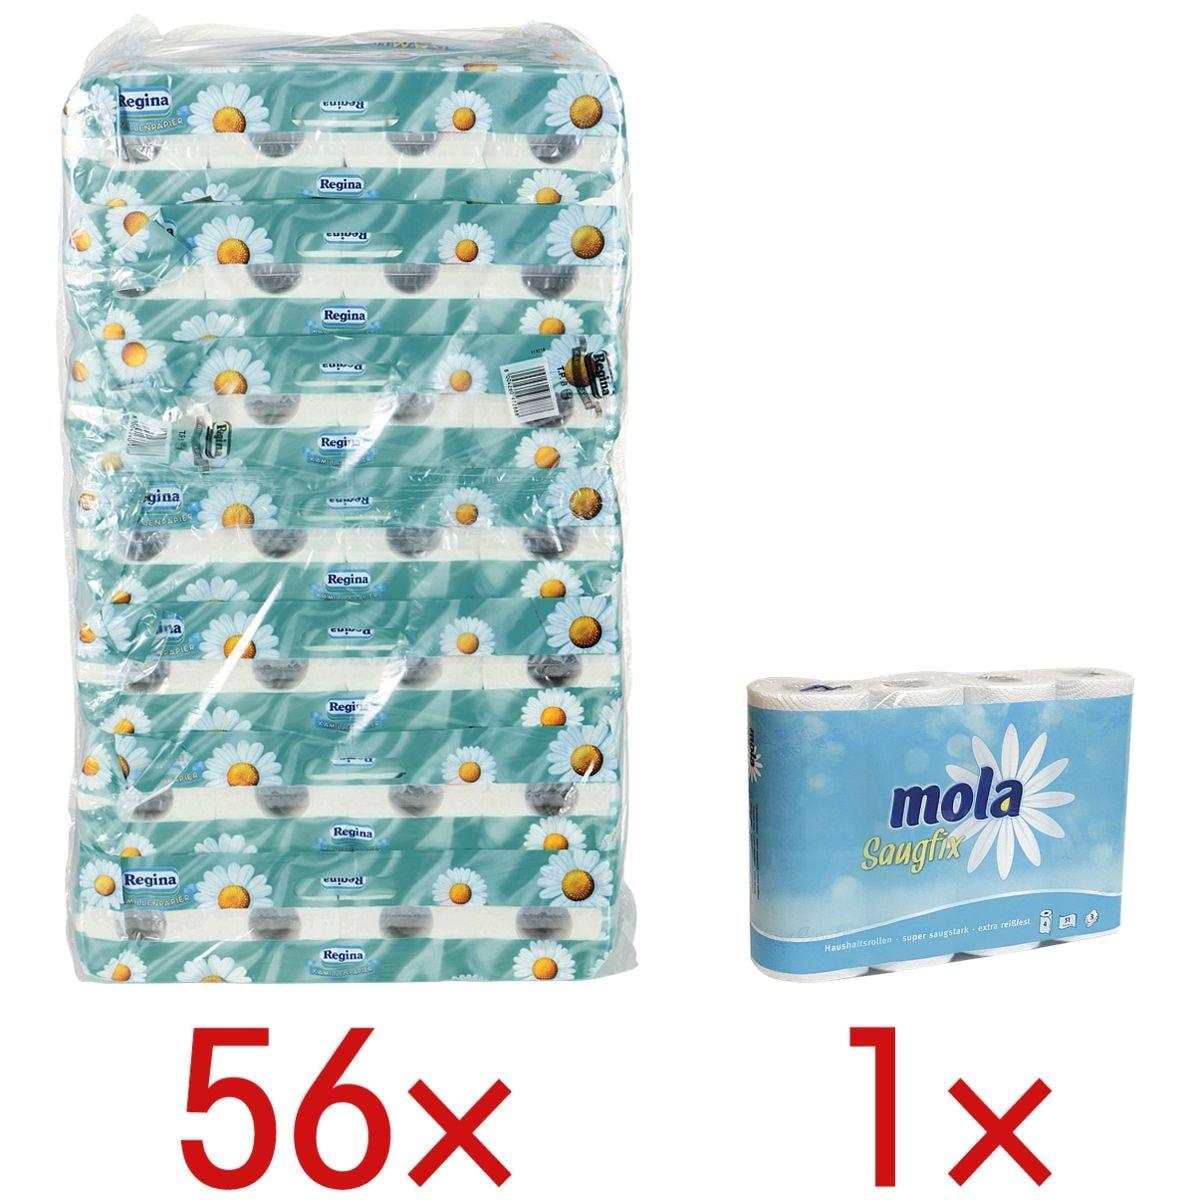 Regina papier toilette camomille 3 épaisseurs, blanc - 56 rouleaux (7 paquets de 8 rouleaux) avec Rouleaux d'essuie-tout triple épaisseur, 4 rouleaux